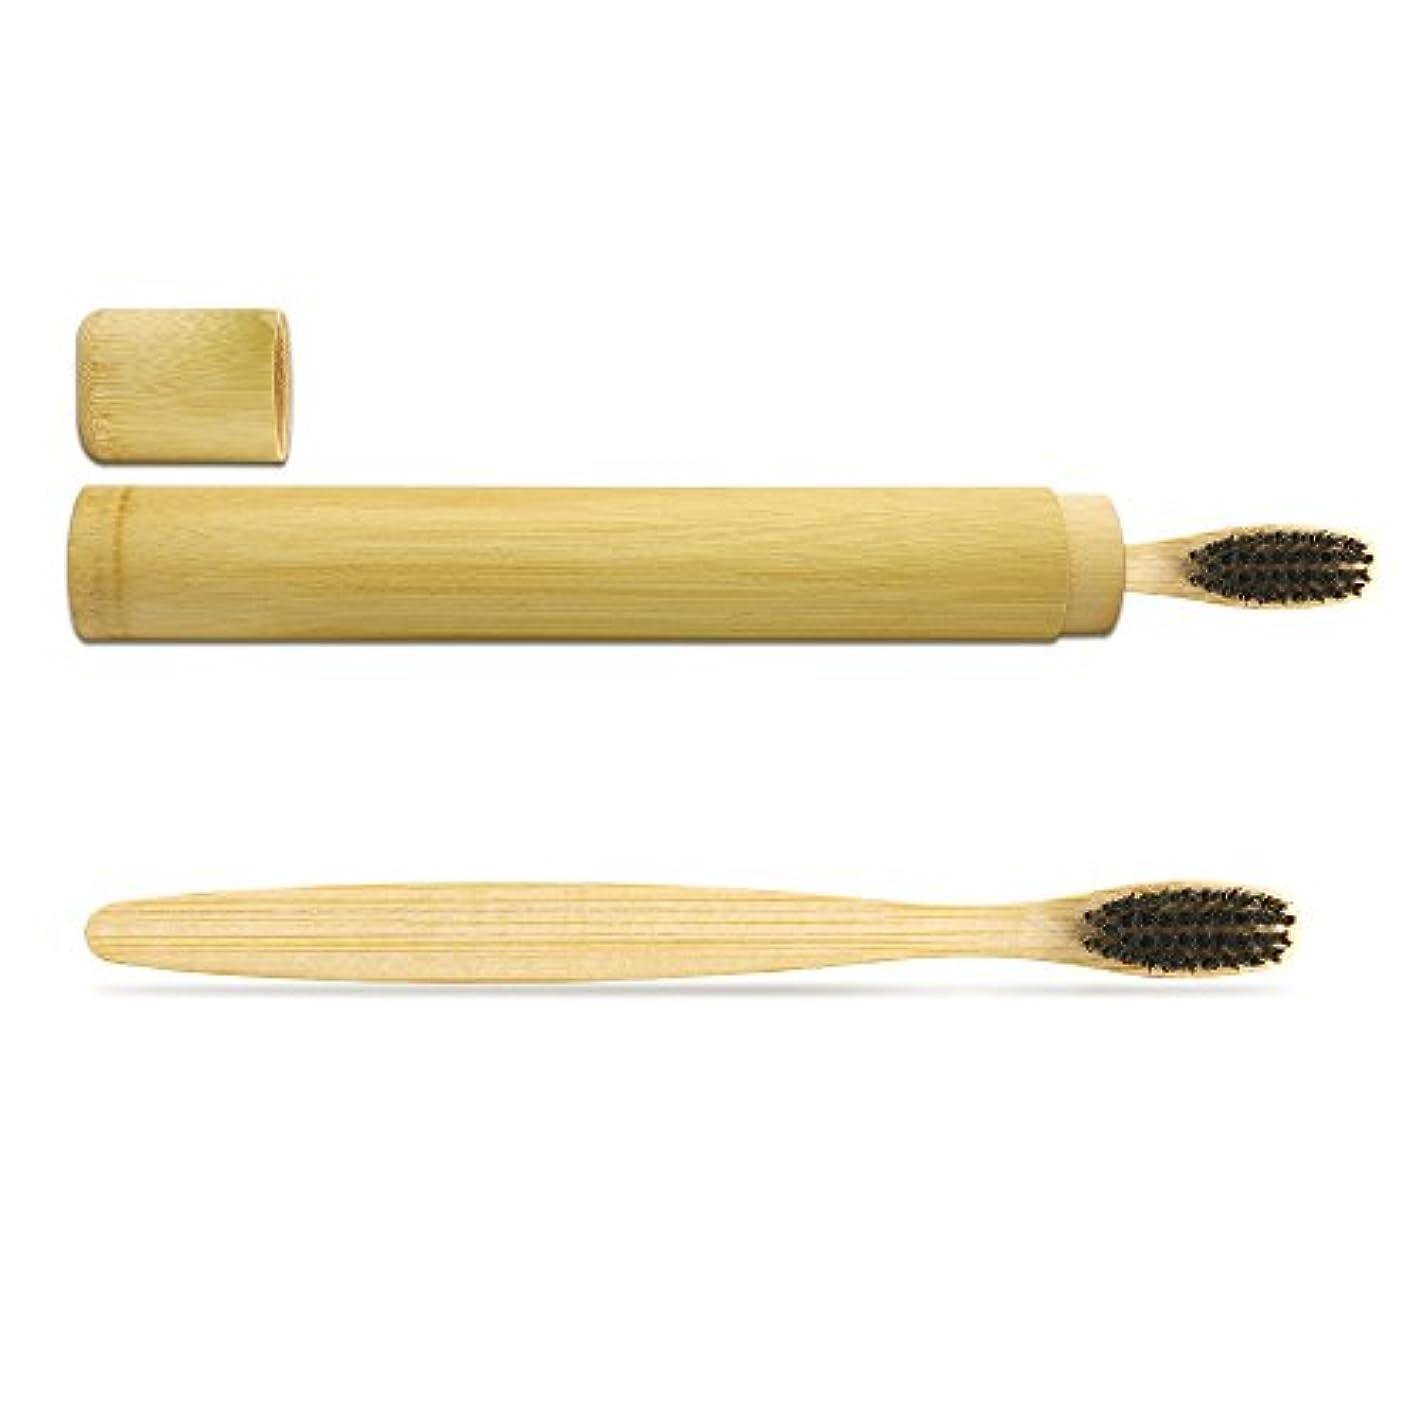 ビスケット発火する傑作N-amboo 竹製 高耐久度 歯ブラシ ケース付き 軽量 携帯便利 出張旅行